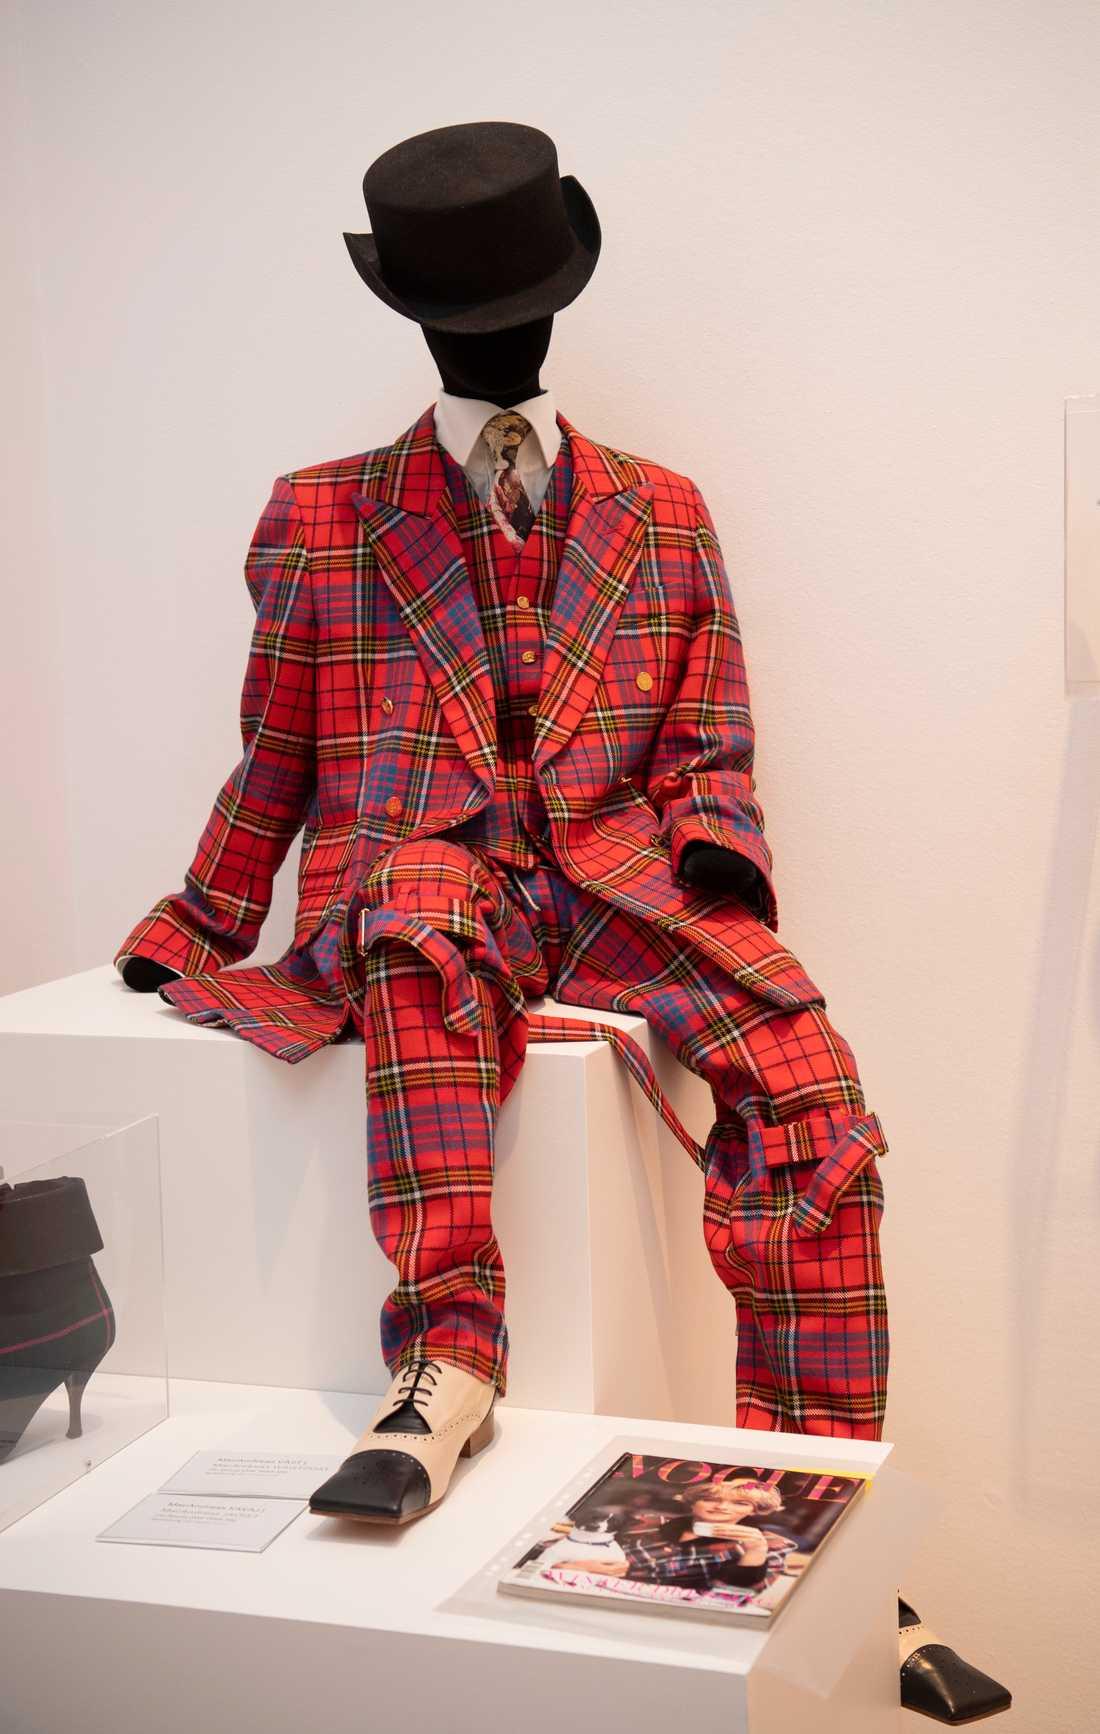 Det skotskrutiga är ett av Vivienne Westwoods kännetecken. Lee Price visar flera av sina egna nu urvuxna Westwood-kostymer.